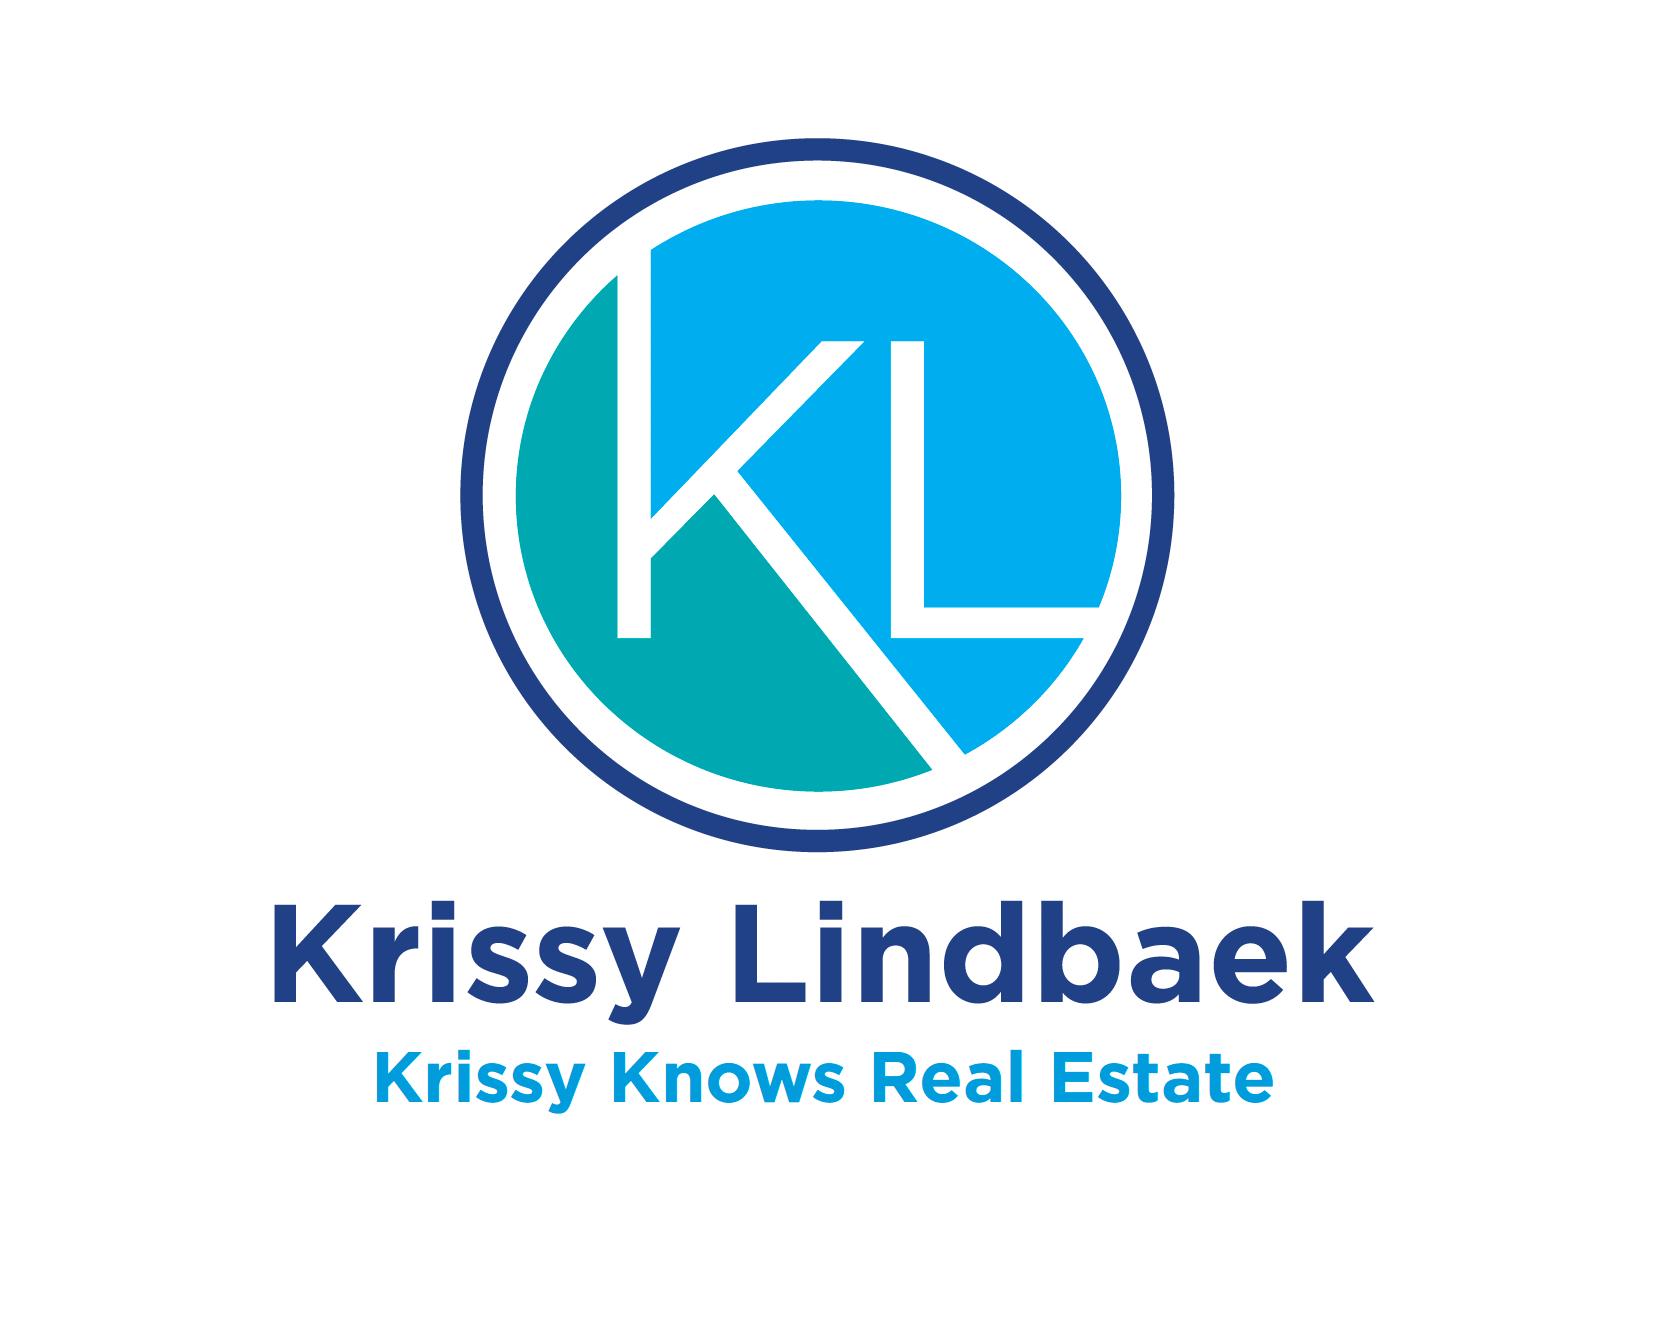 Krissy Lindbaek